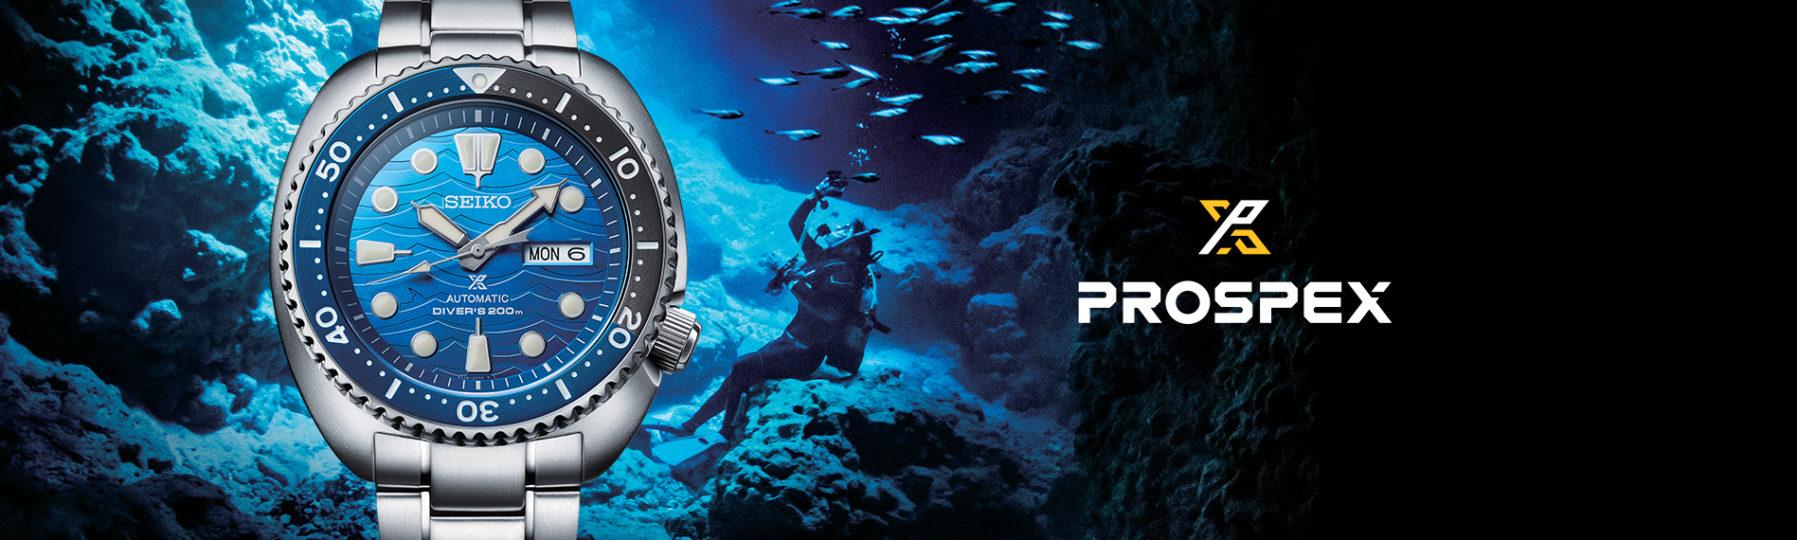 Seiko-Prospex-duiken-horloge-sport-Wolters-Juweliers-Coevorden-Emmen